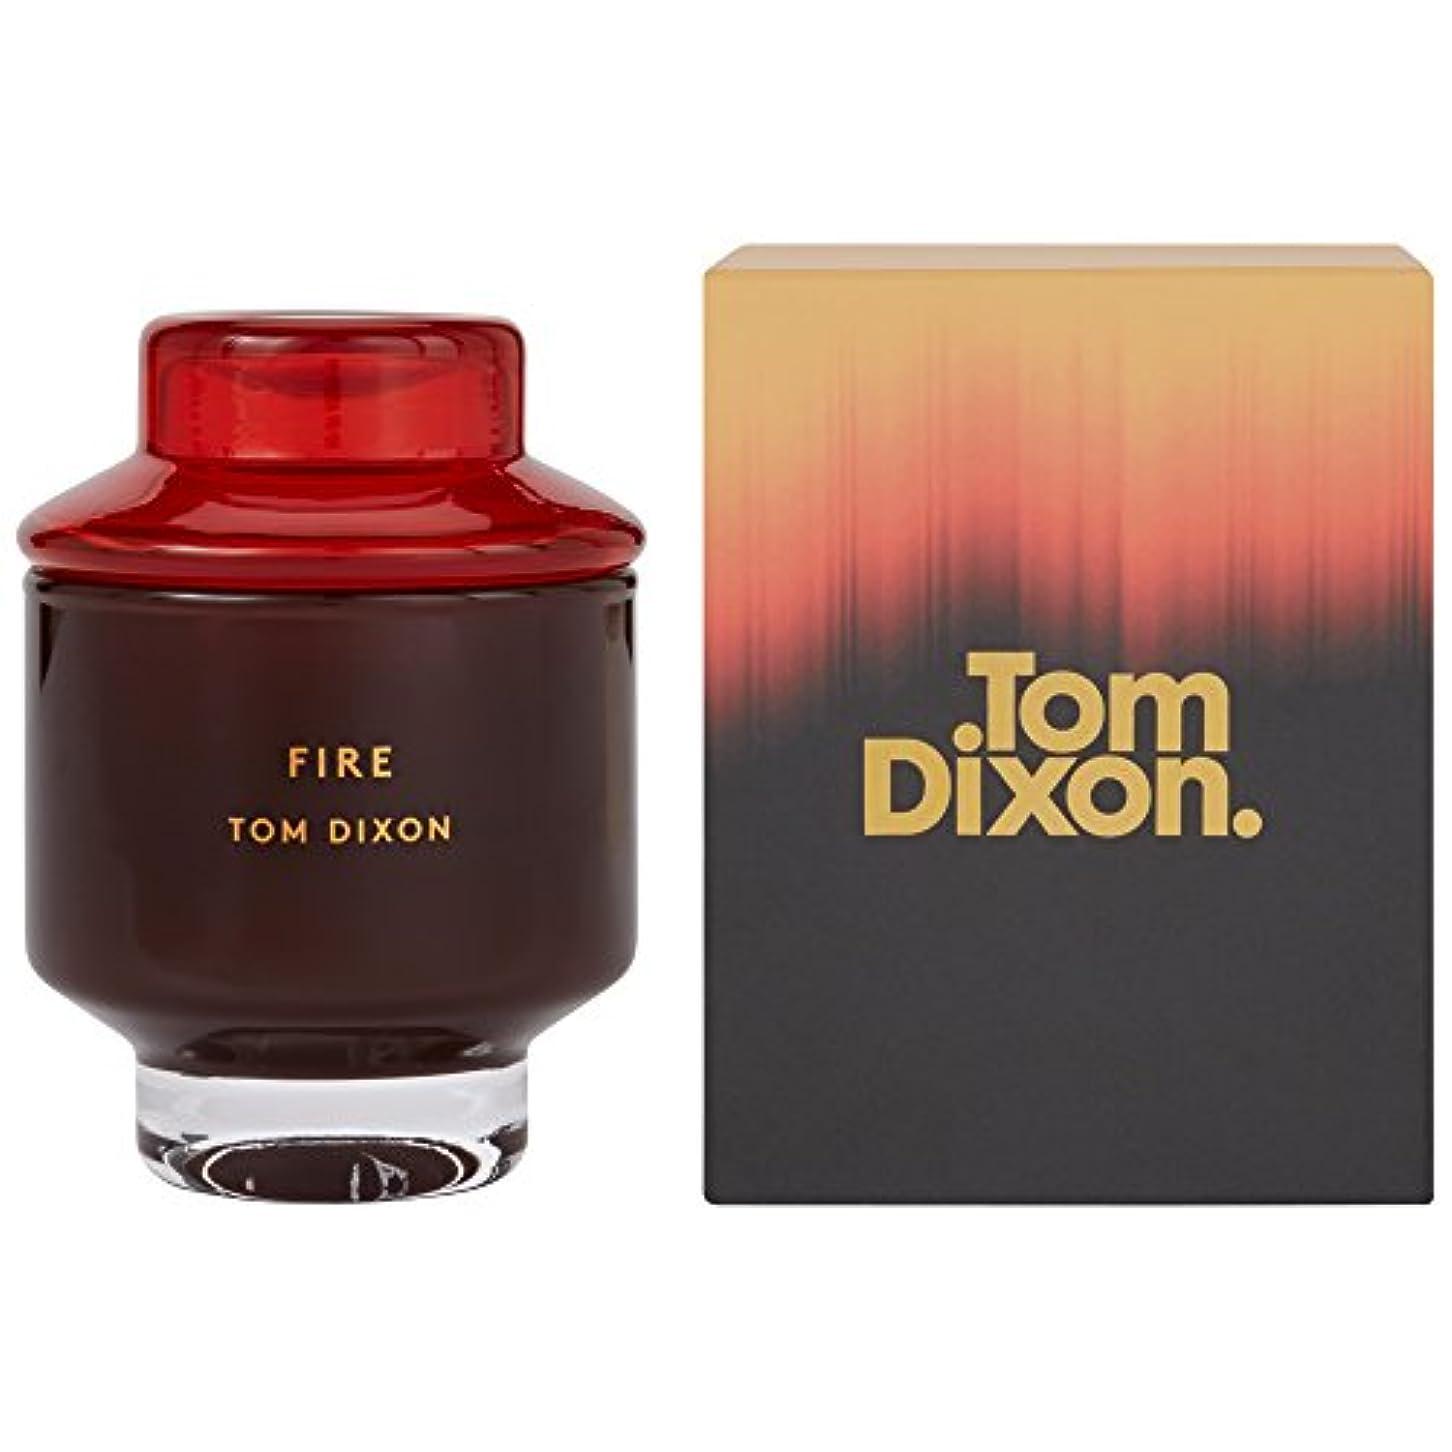 アボートグレード声を出してトム?ディクソン火災香りのキャンドル媒体 x6 - Tom Dixon Fire Scented Candle Medium (Pack of 6) [並行輸入品]